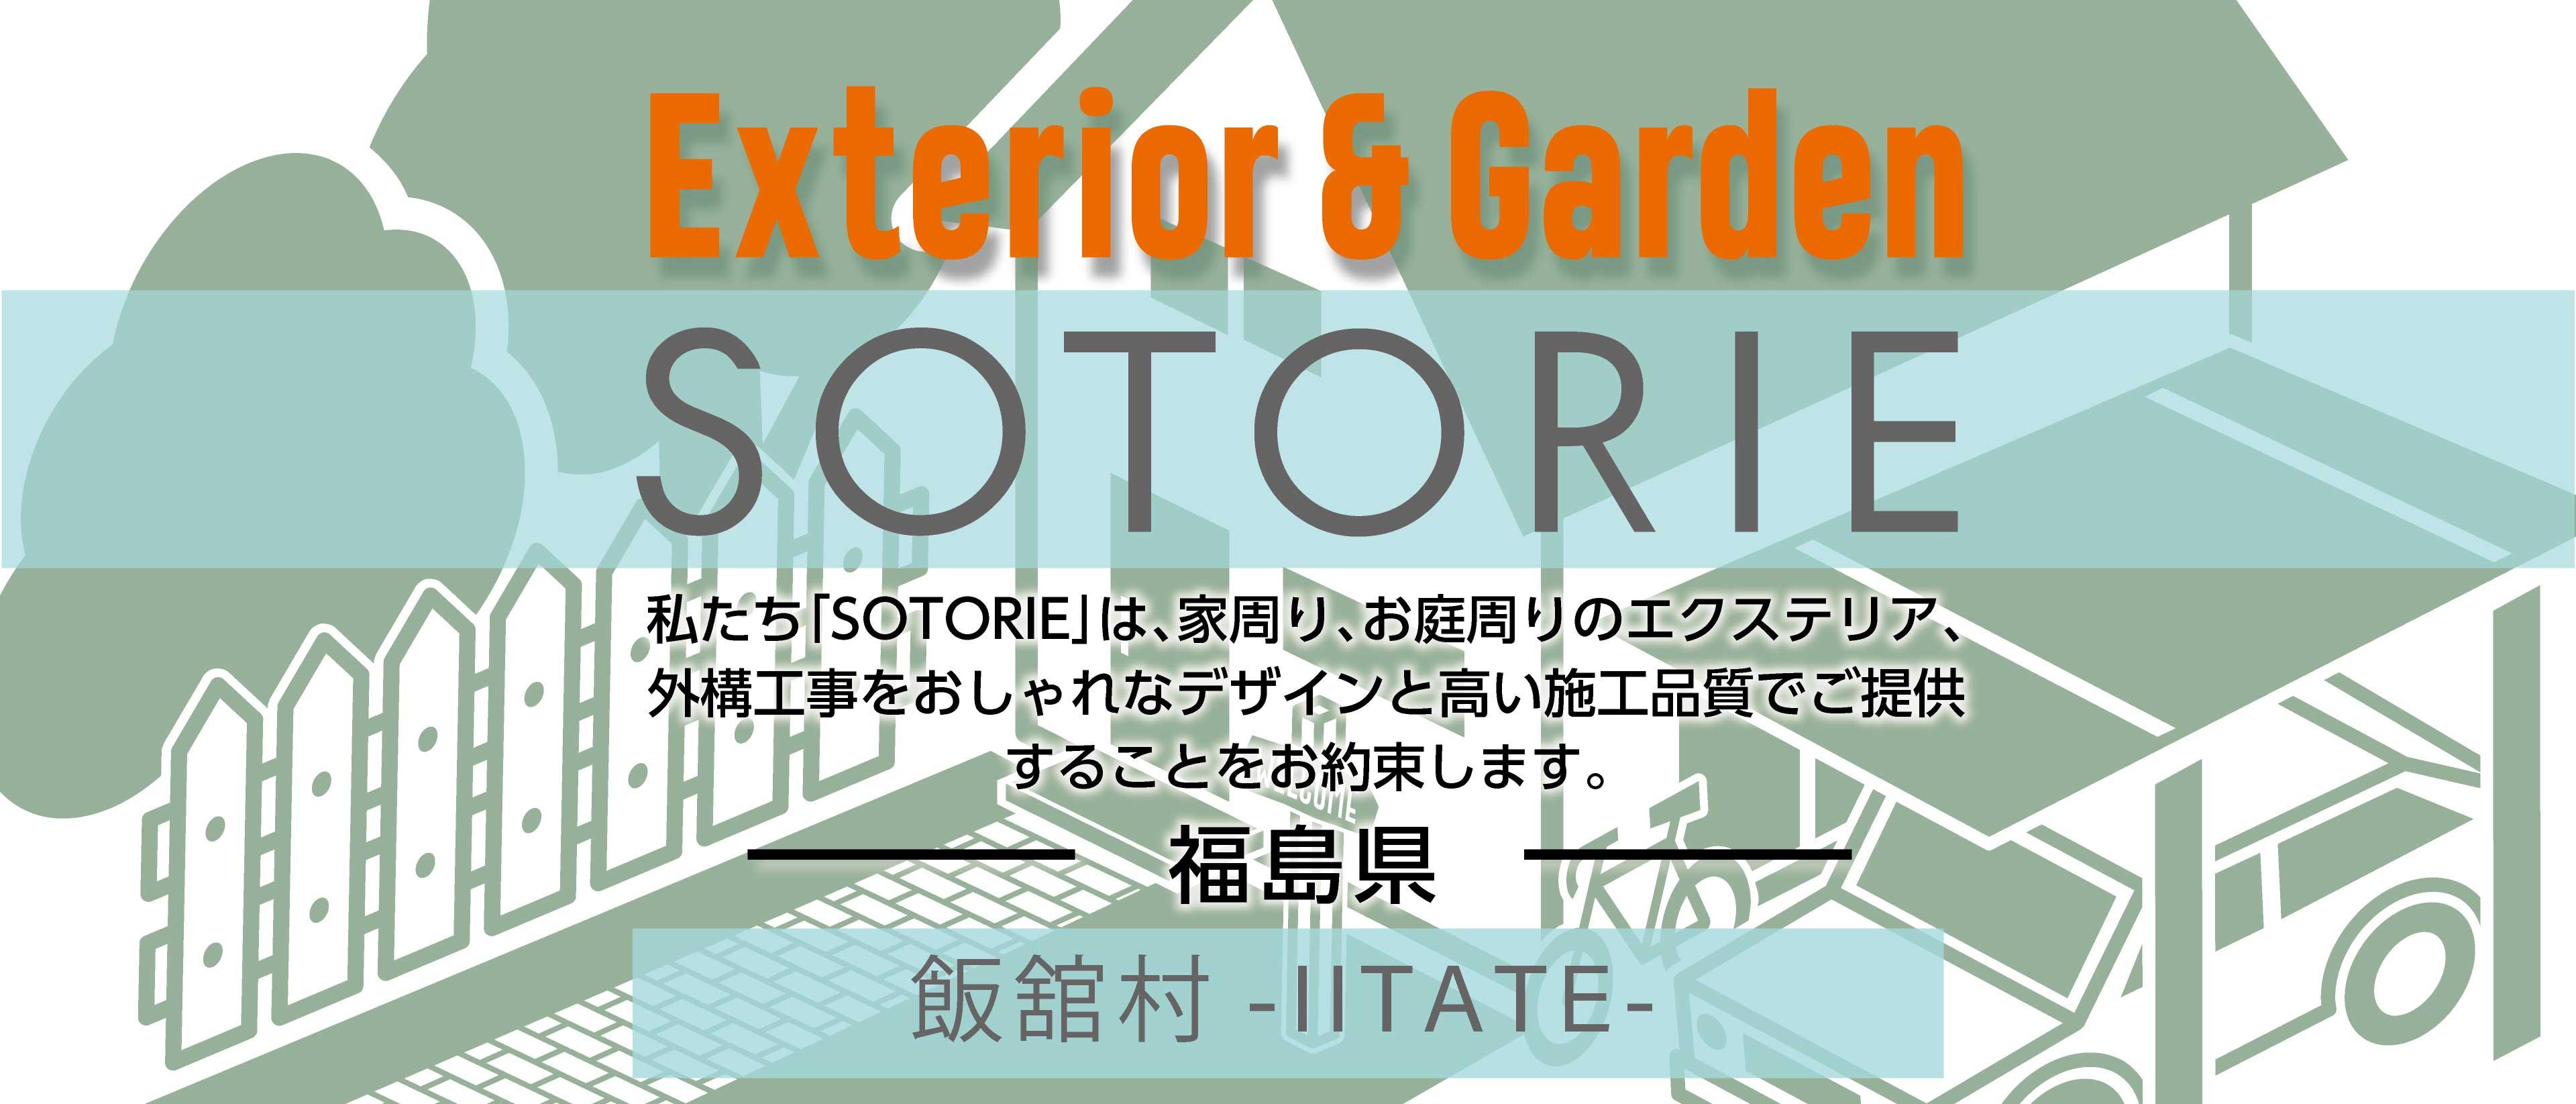 ソトリエ飯舘村では、家周りと庭周りの外構、エクステリア工事をおしゃれなデザインと高い施工品質でご提供することをお約束します。